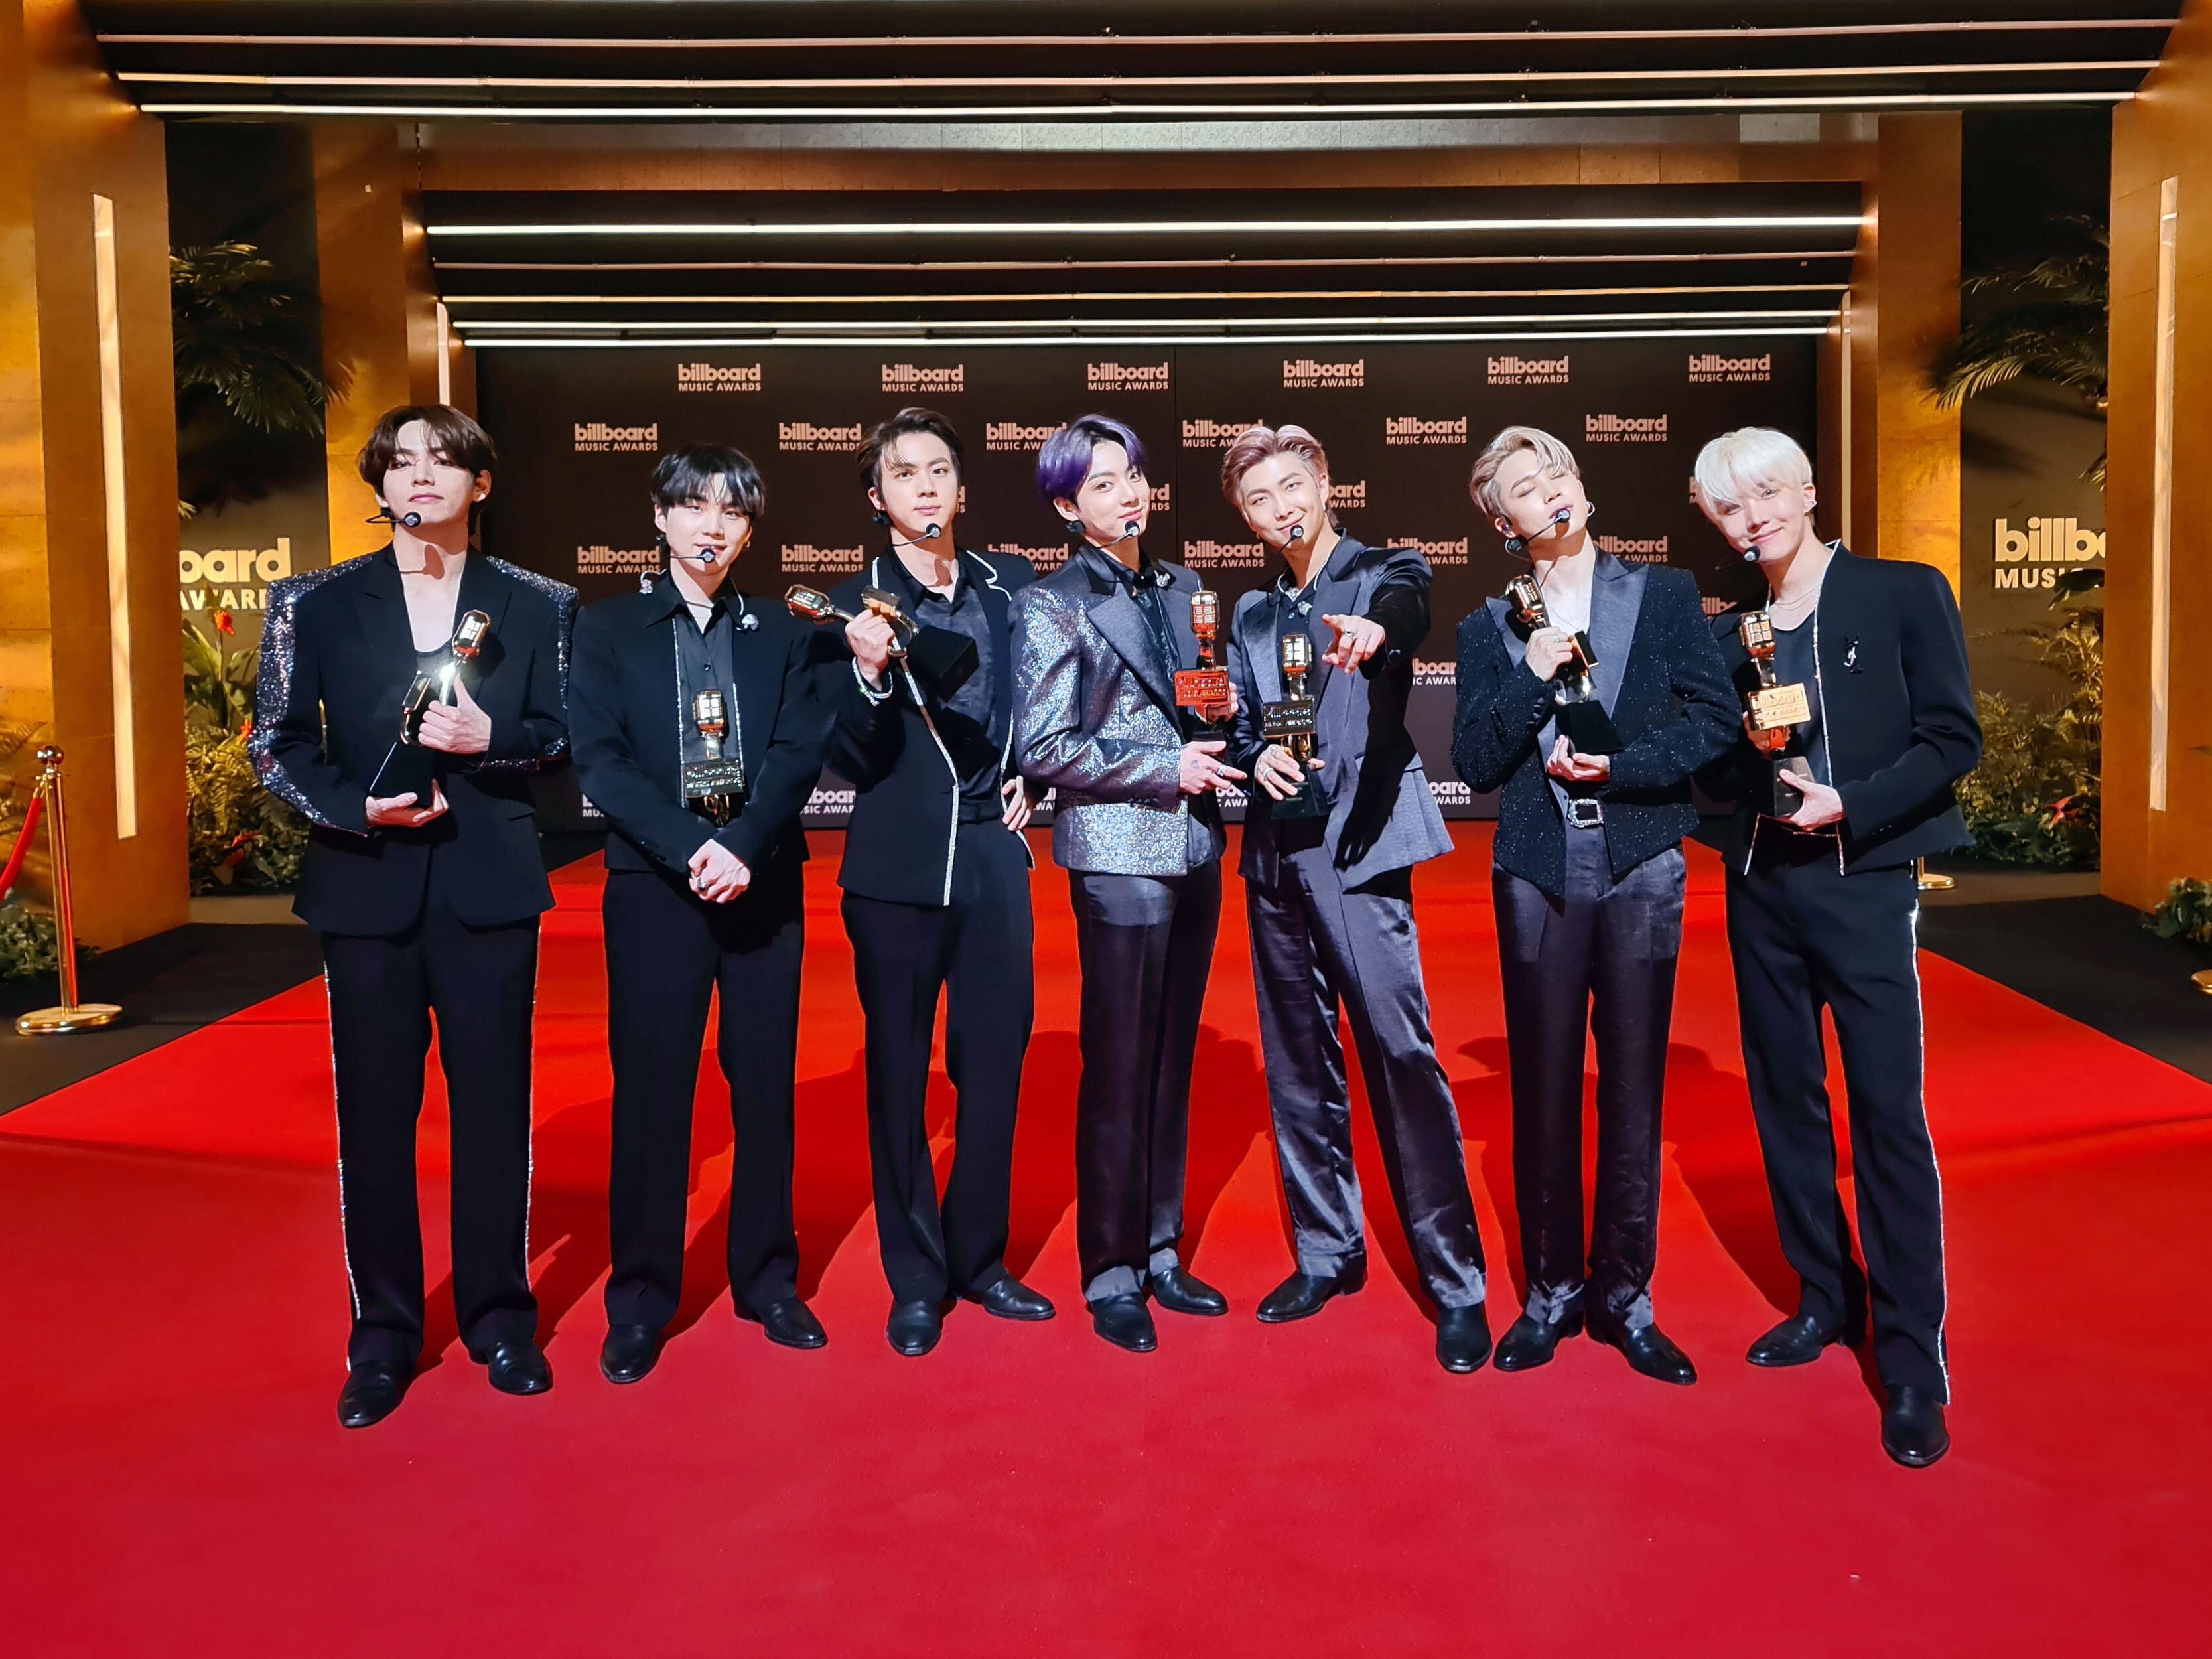 Sete integrantes do grupo BTS no red carpet do Billboard Music Awards 2021; eles estão alinhados na horizontal, cada um segurando um prêmio com roupas sociais escuras